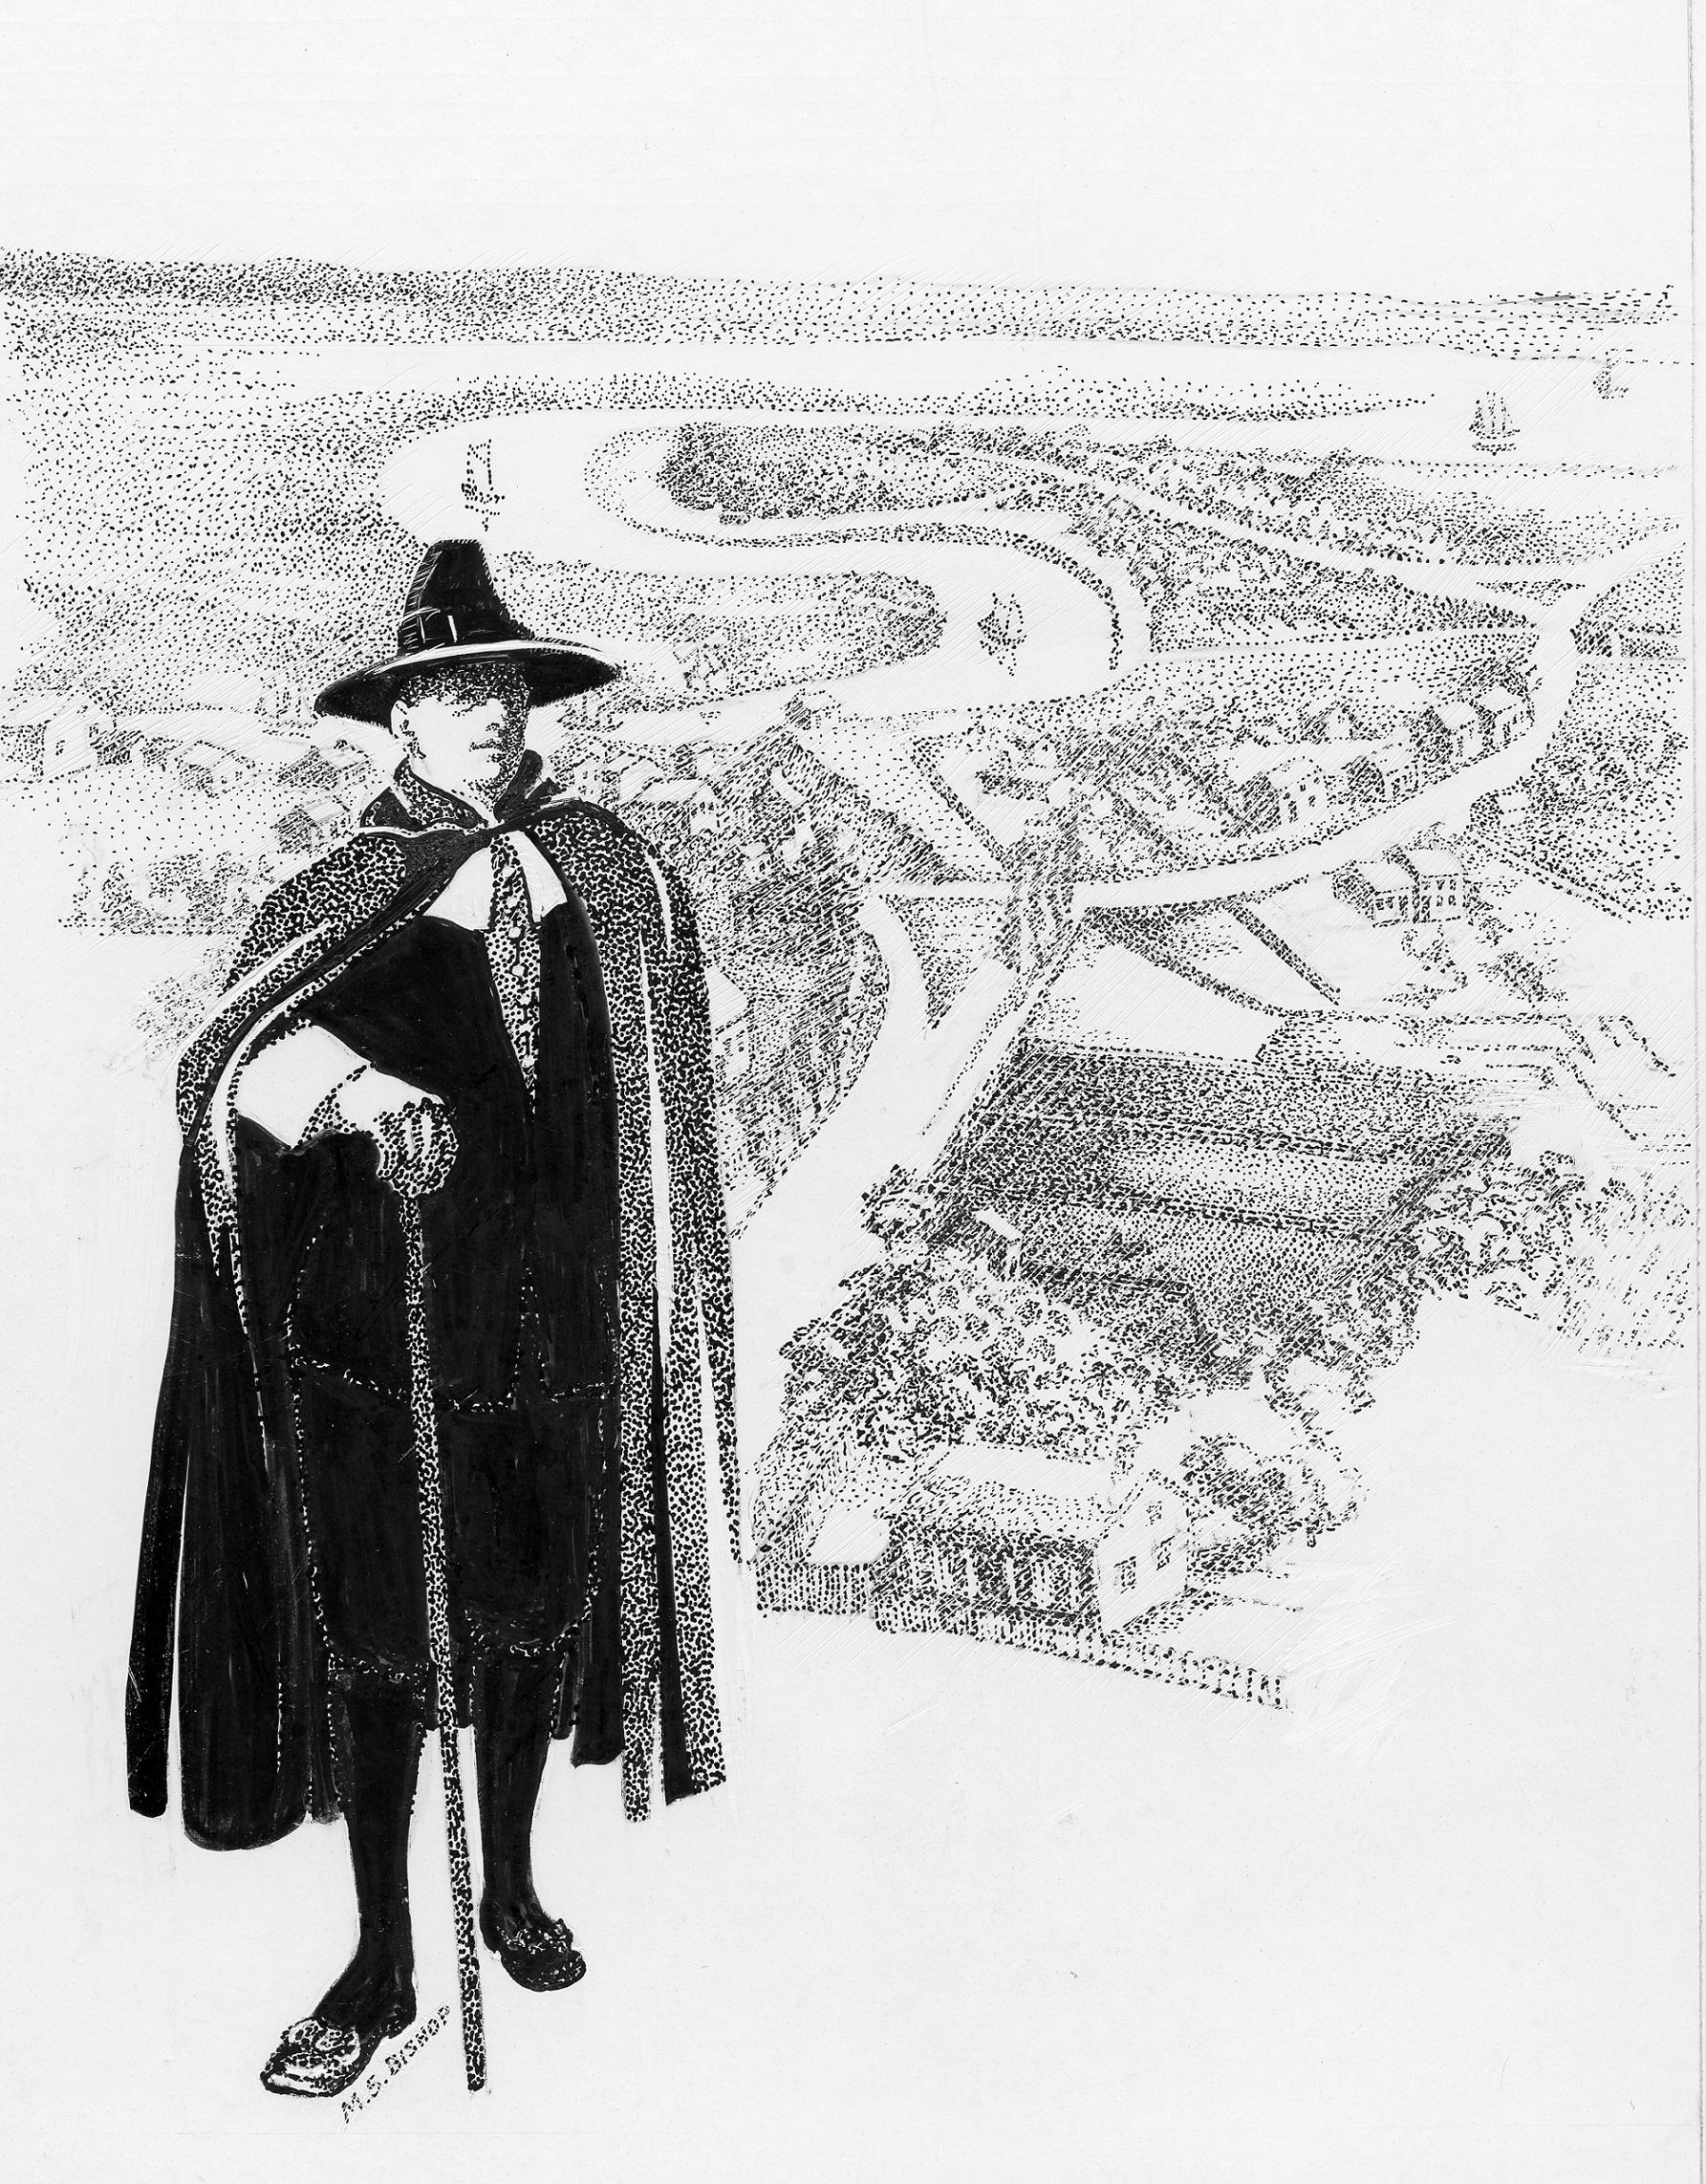 Robert Treat Illustration